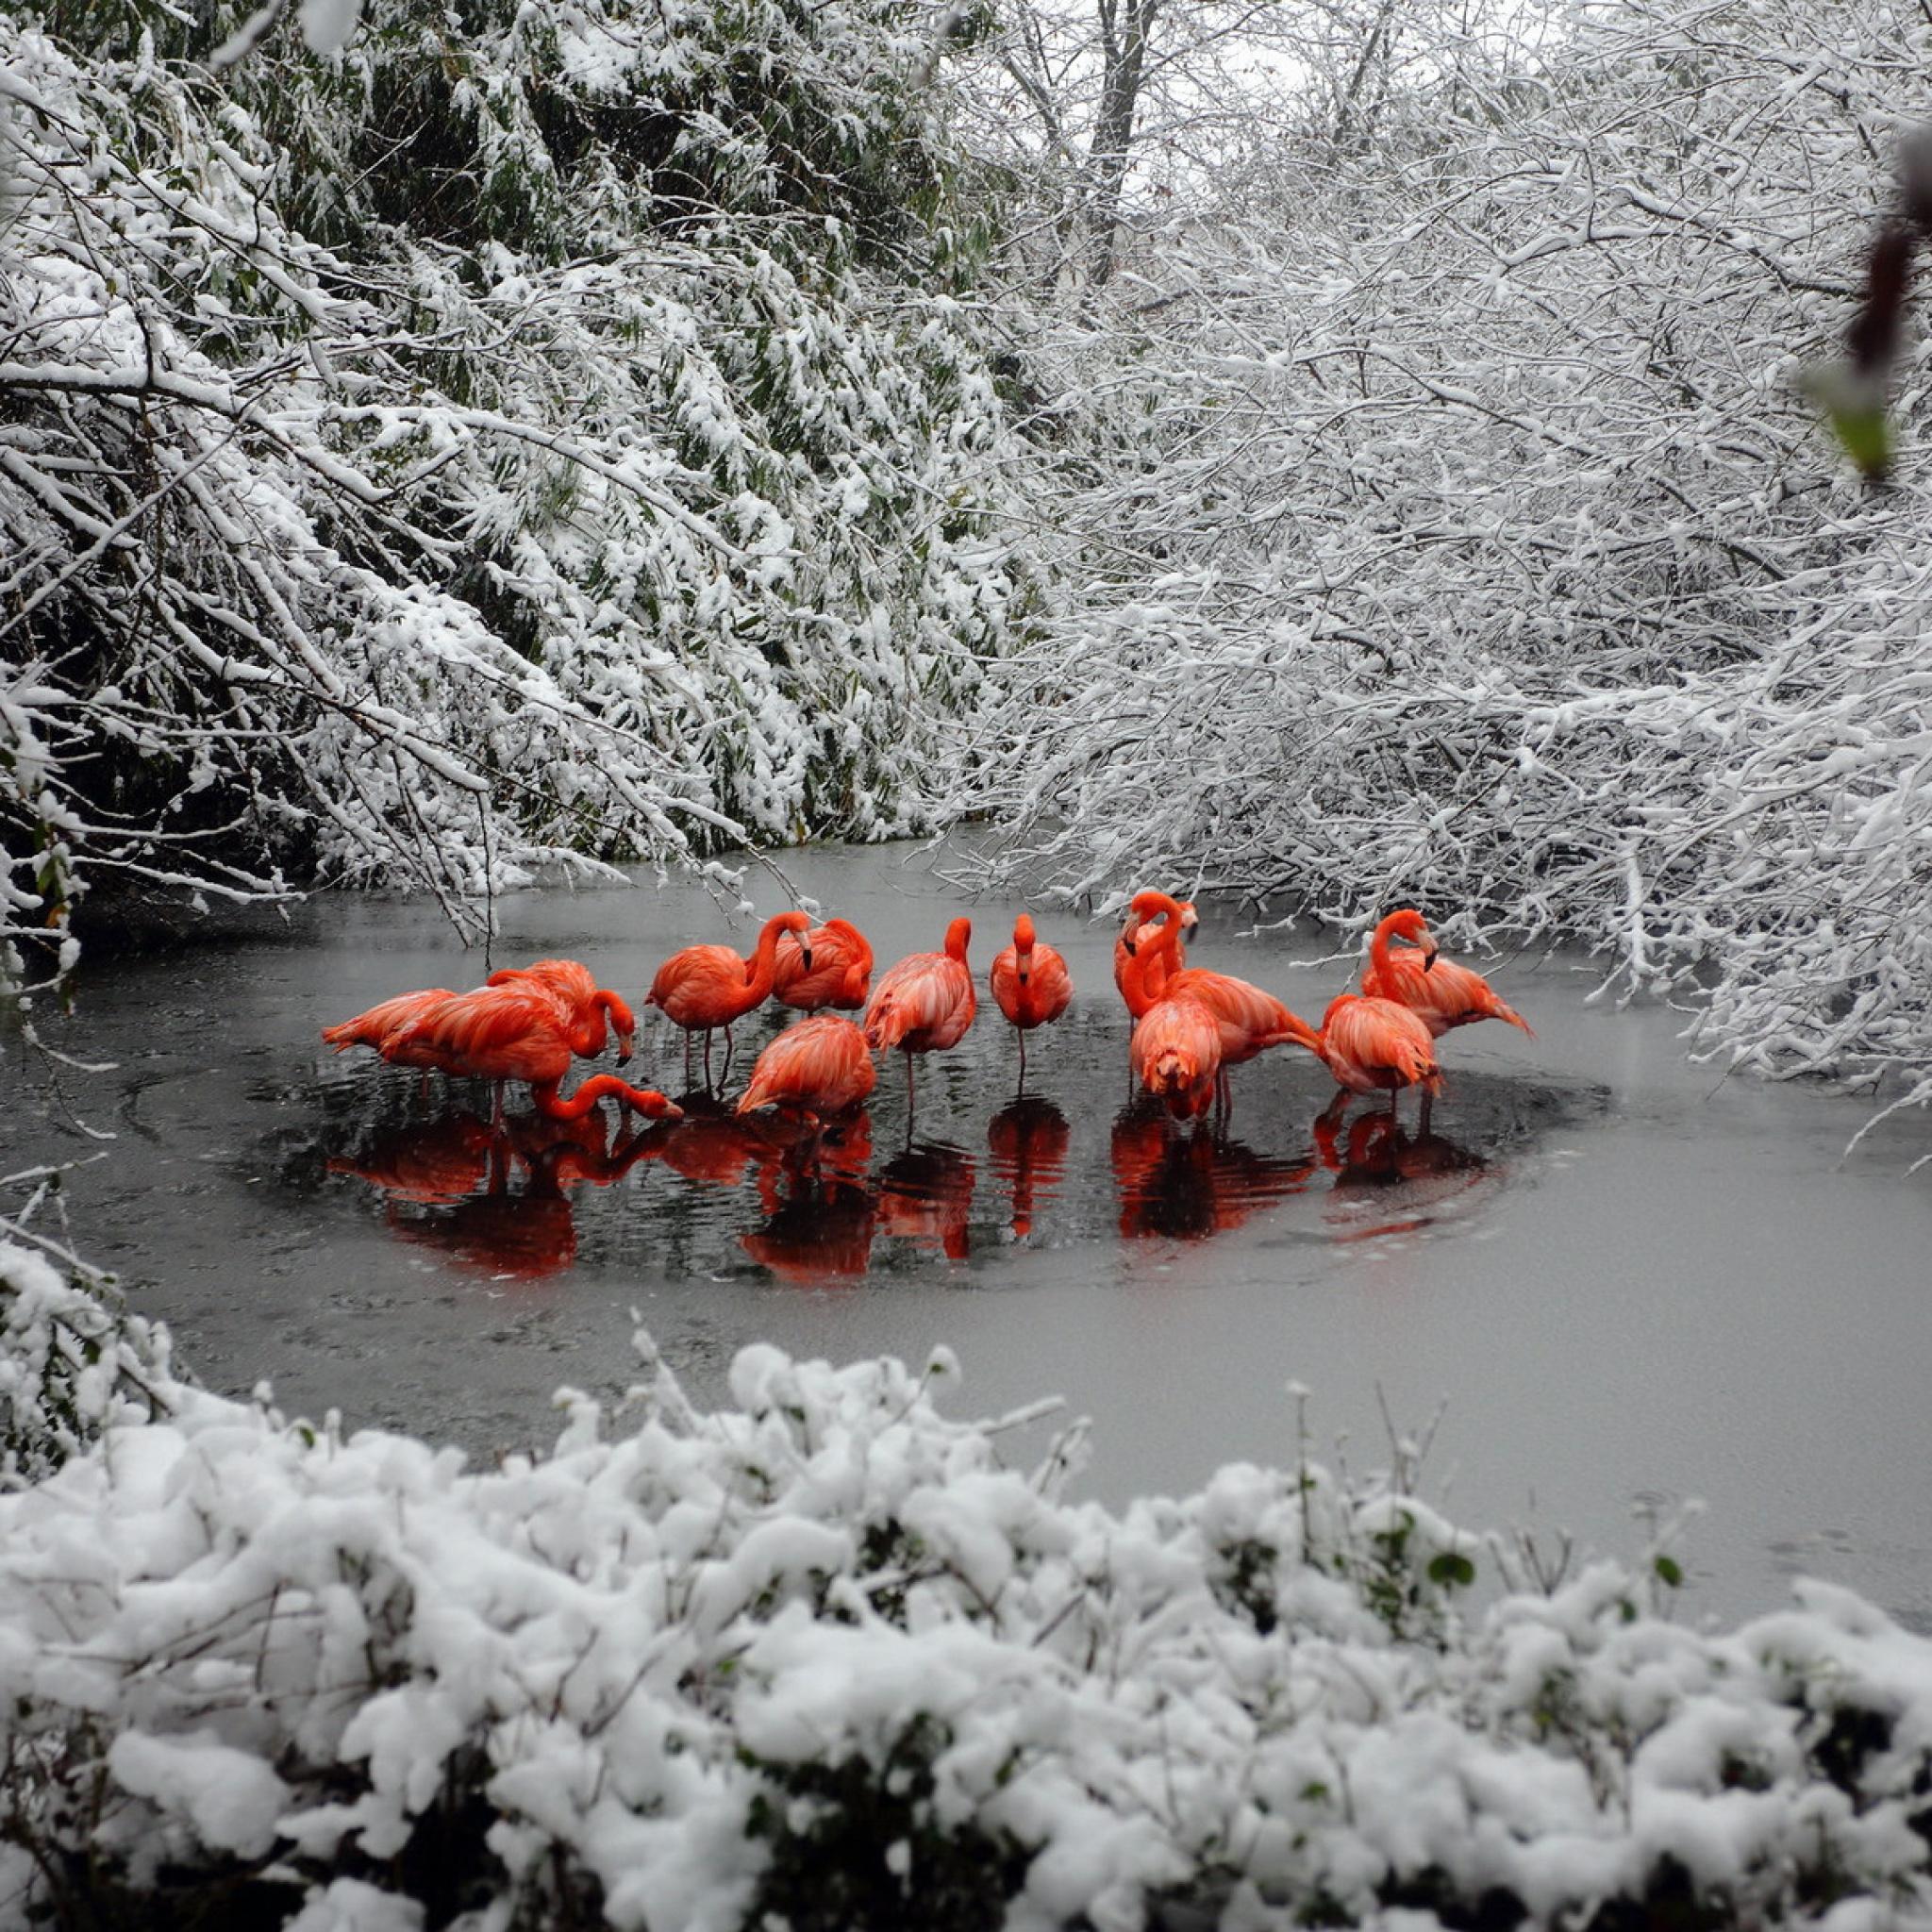 природа животные птицы деревья зима снег бесплатно